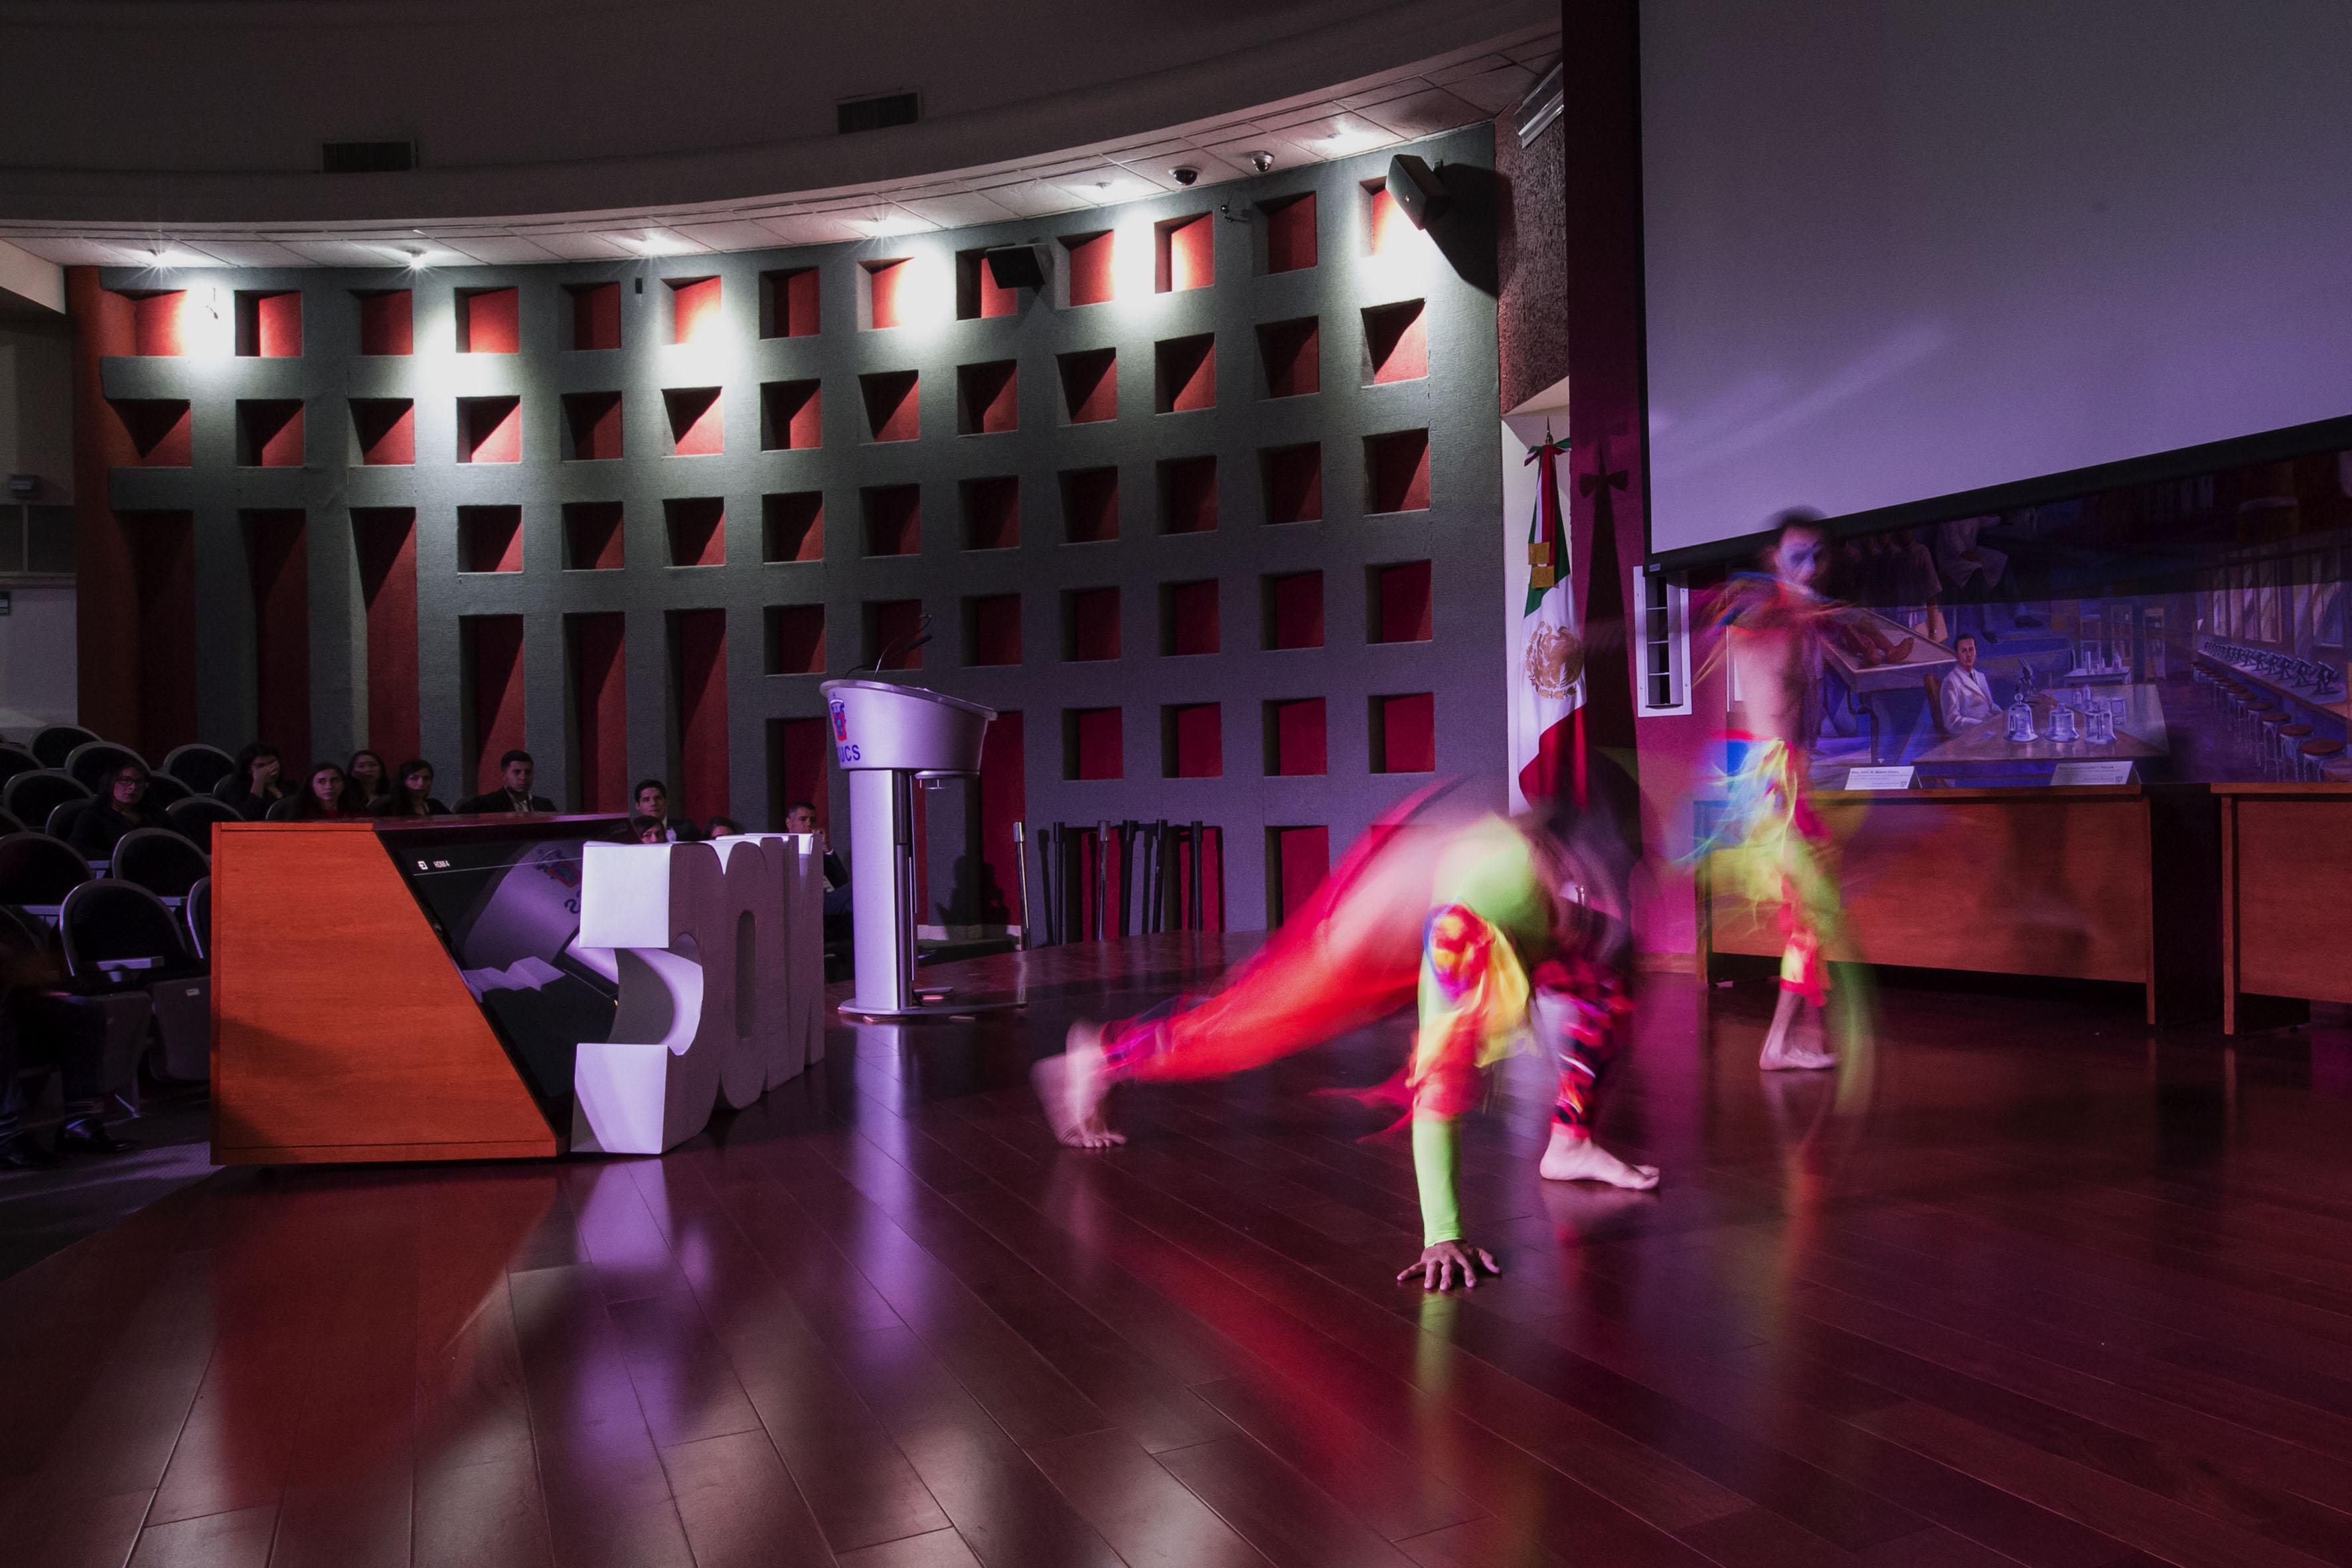 Artistas en escenario del Auditorio del CUCS, haciendo su actuación de arte en movimiento.